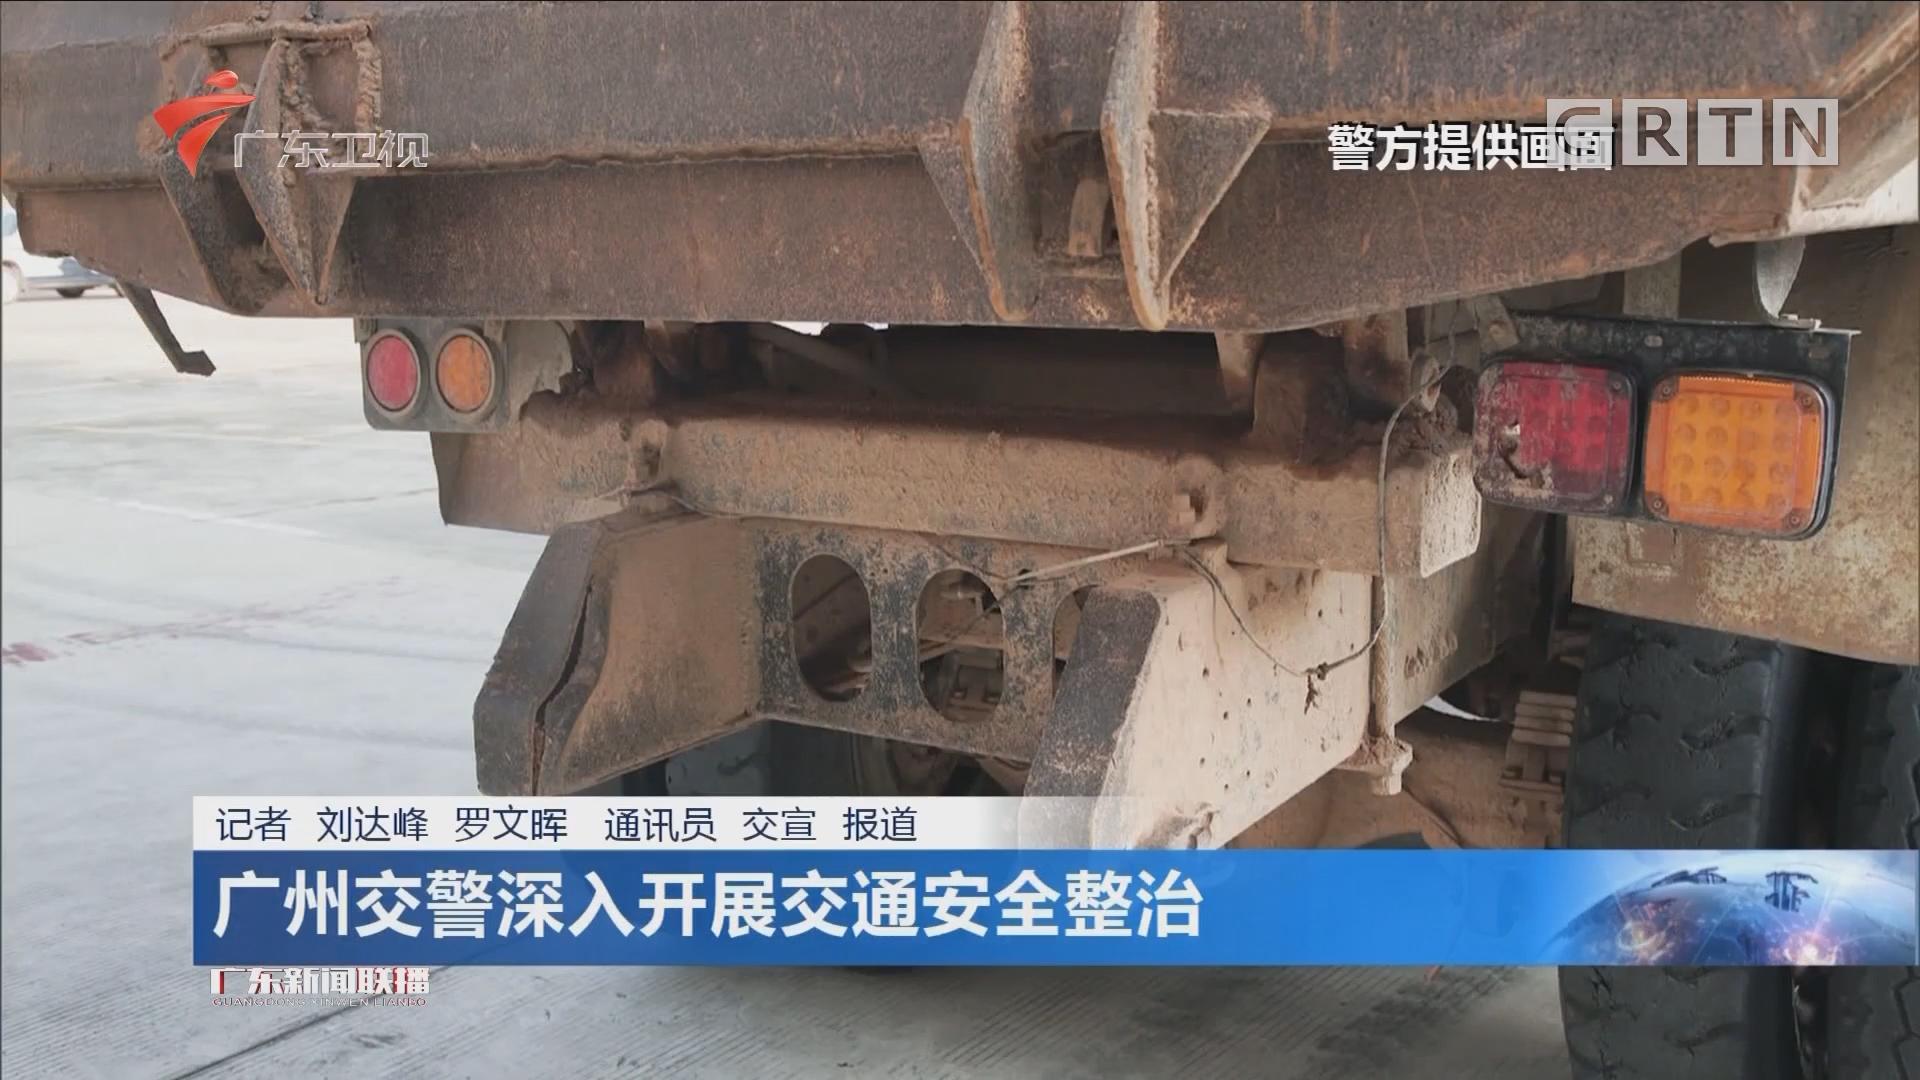 广州交警深入开展交通安全整治